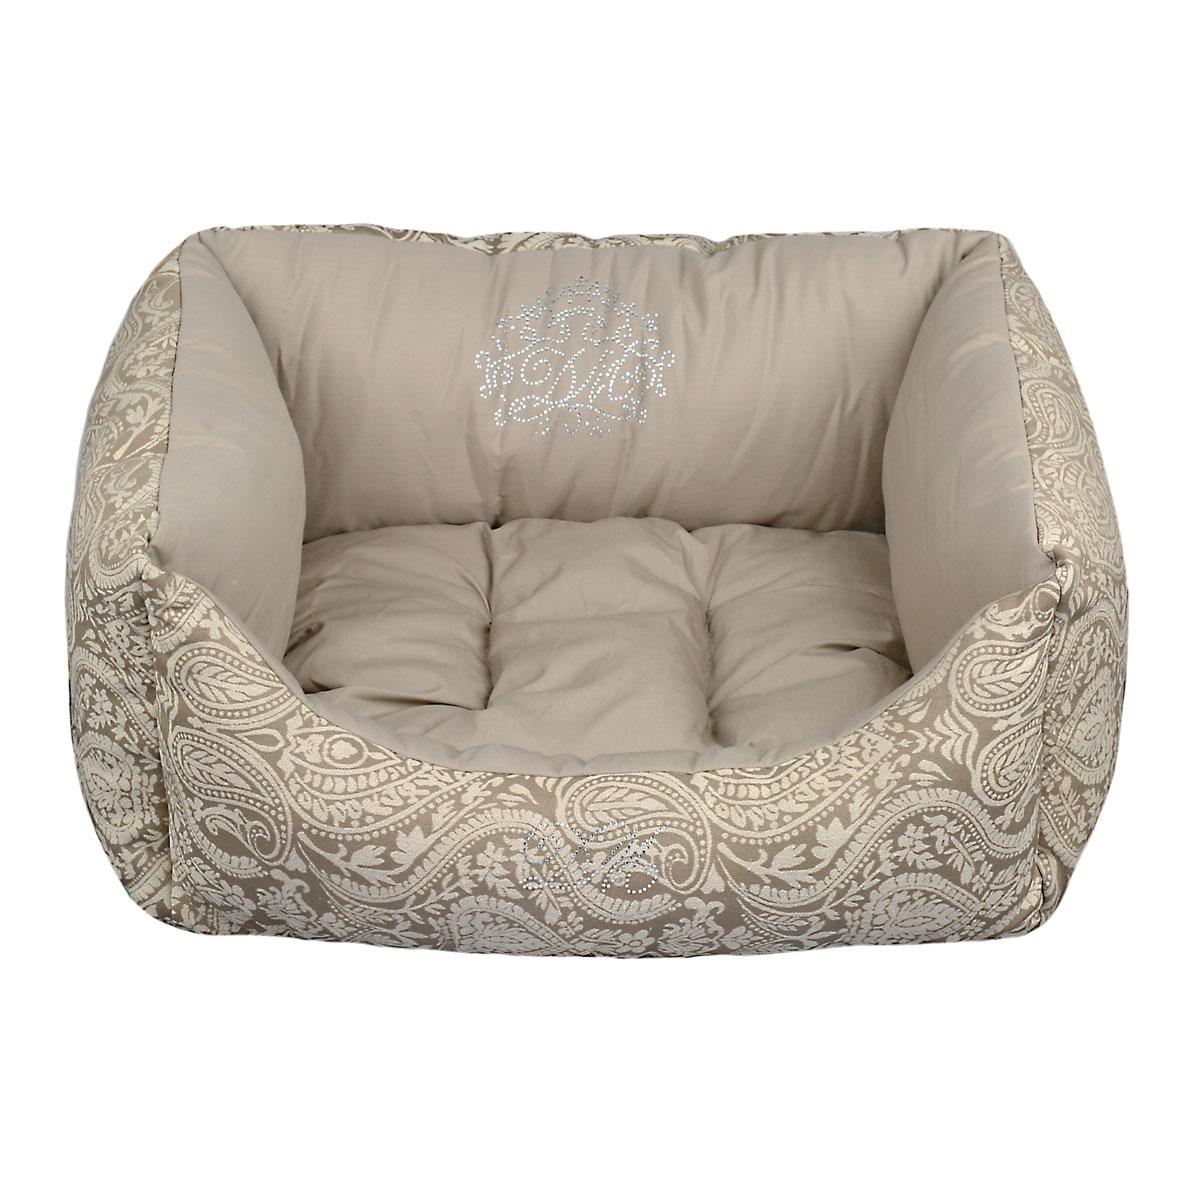 Лежак Dogmoda Элегант для собакиDM-150354Элегантный и уютный лежак, выполенный из высококлассных материалов, дополнит или подчеркнет Ваш интерьер и станет любимым место отдыха для Вашего питомца.